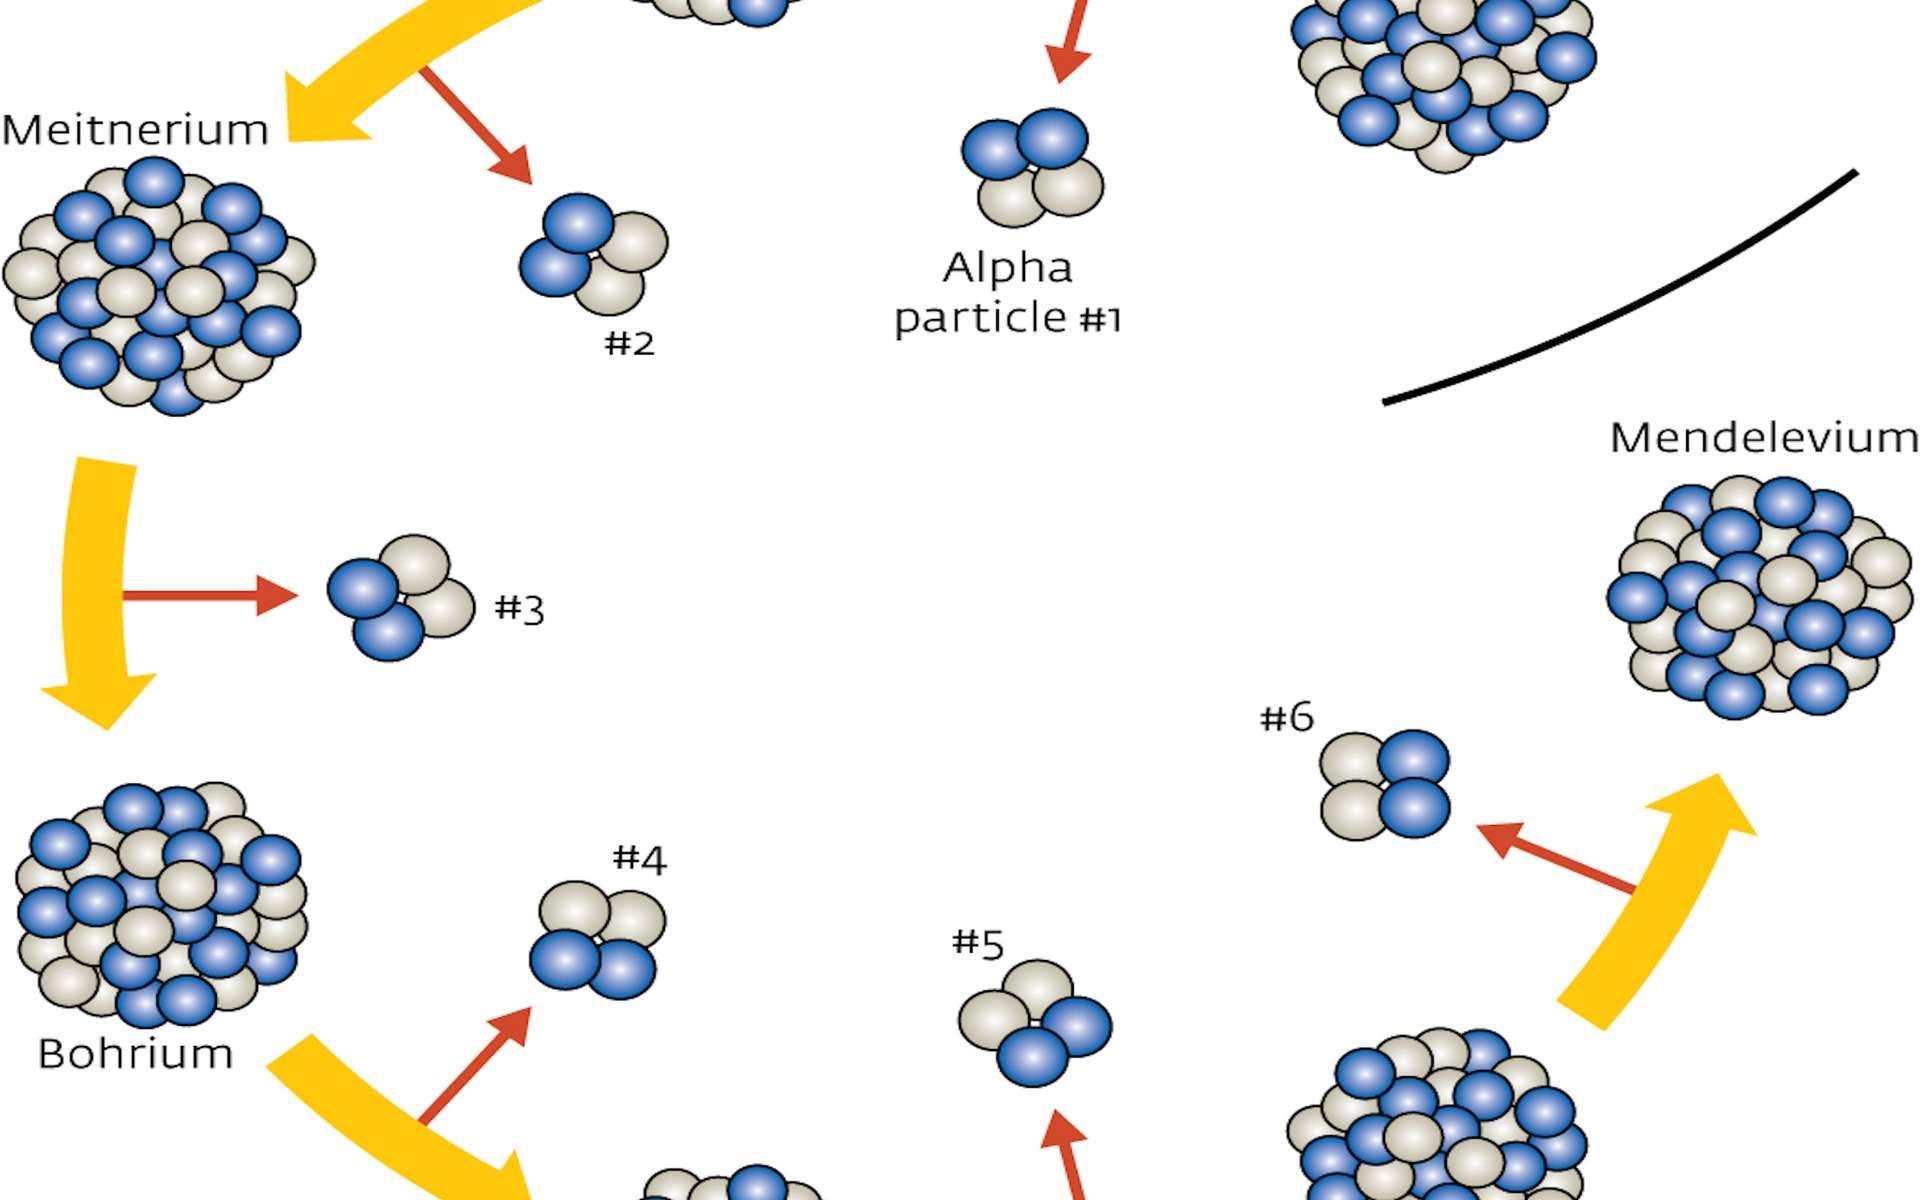 L'ununtrium a été mis en évidence grâce aux particules alpha émises lors de ses désintégrations successives. © 2012 RIKEN Nishina Center for Accelerator-Based Science